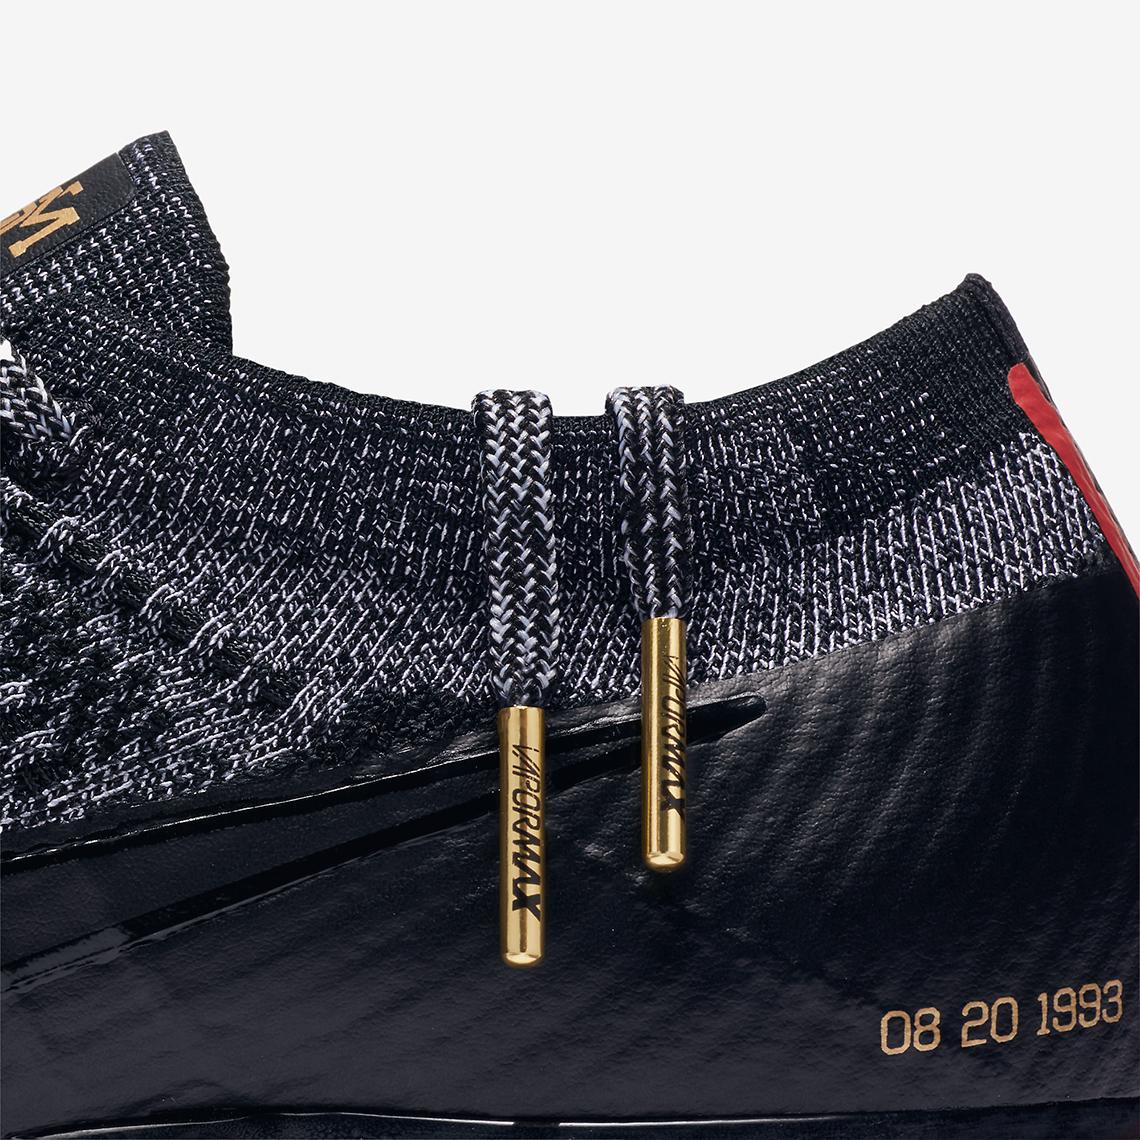 e98a3c64cc5 Nike Vapormax BHM Olympic Hurdler Colin Jackson AQ0924-007 Coming ...